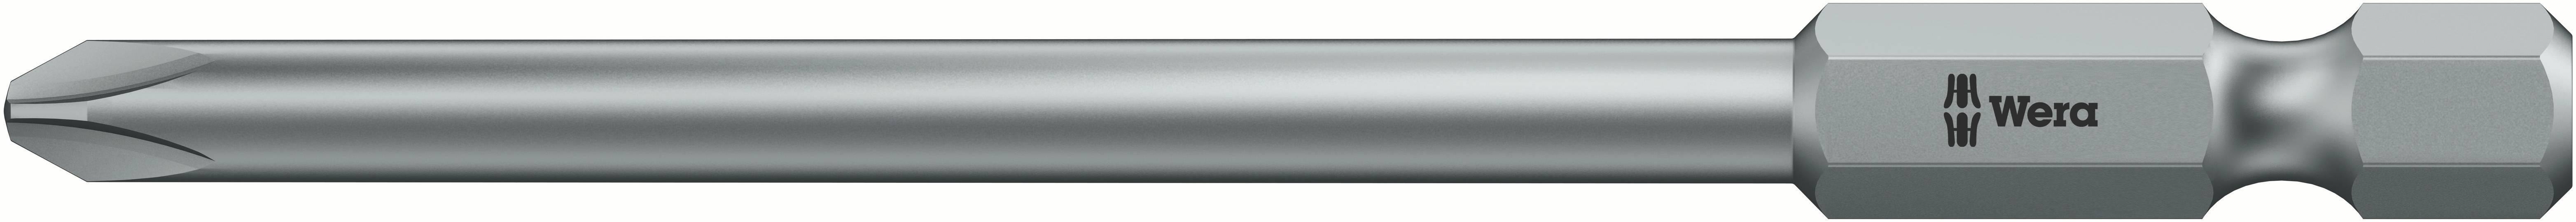 Predĺžený krížový bit Wera 851/4 Z PH 3 x 89 mm 05059795001, nástrojová oceľ, 1 ks